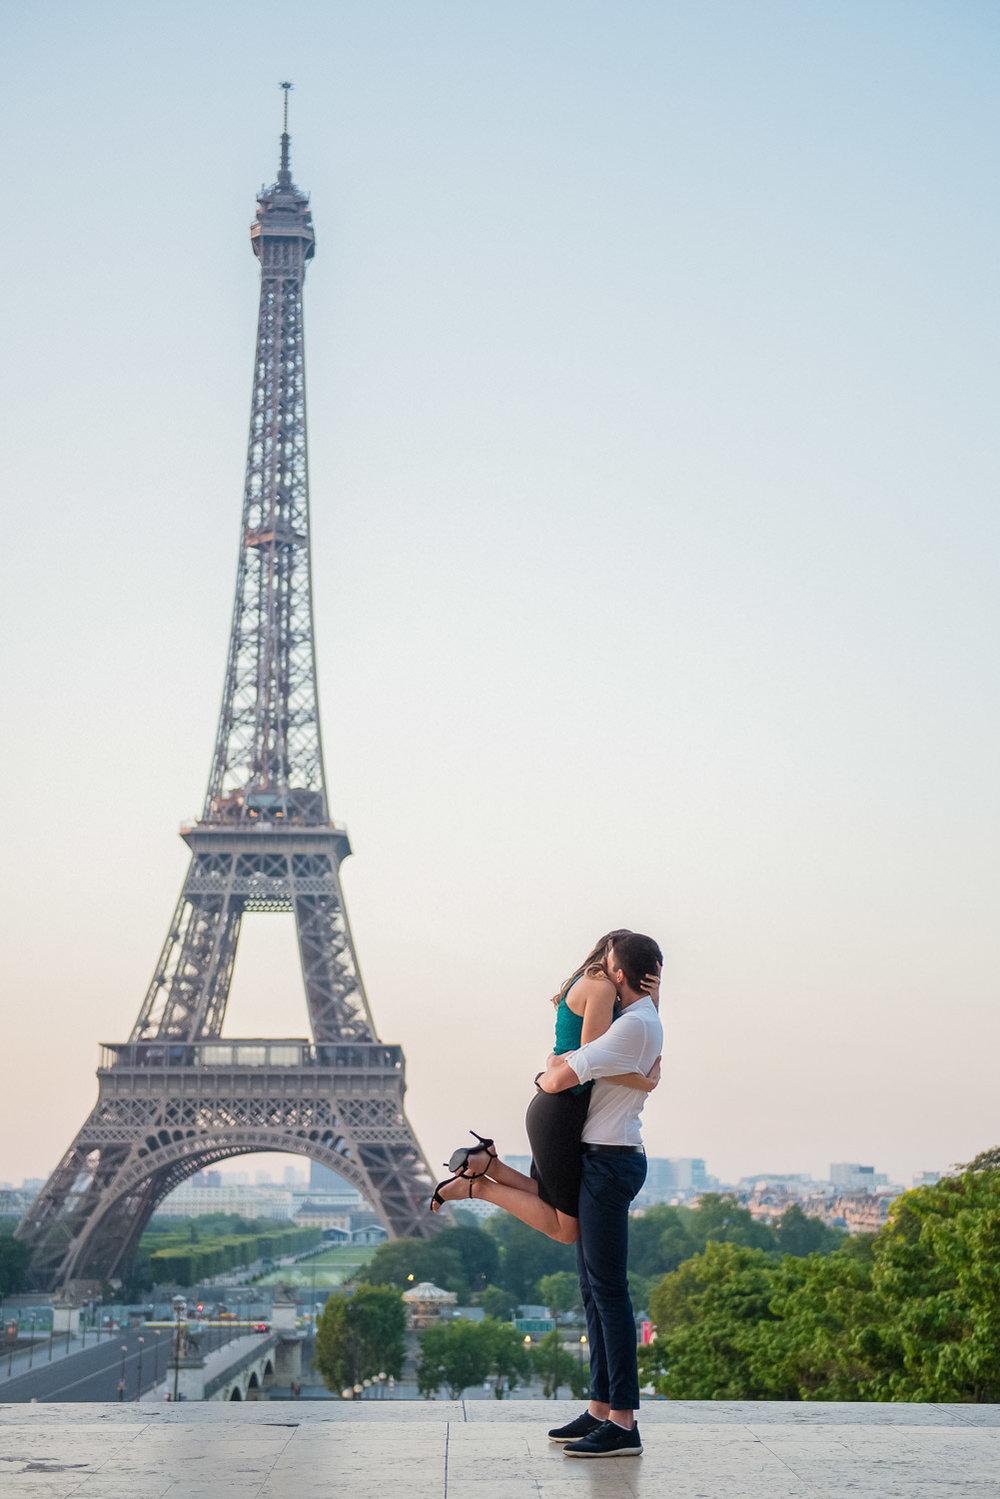 Paris sunrise surprise proposal session for Andrei & Daniela 28 June 2018-12.jpg